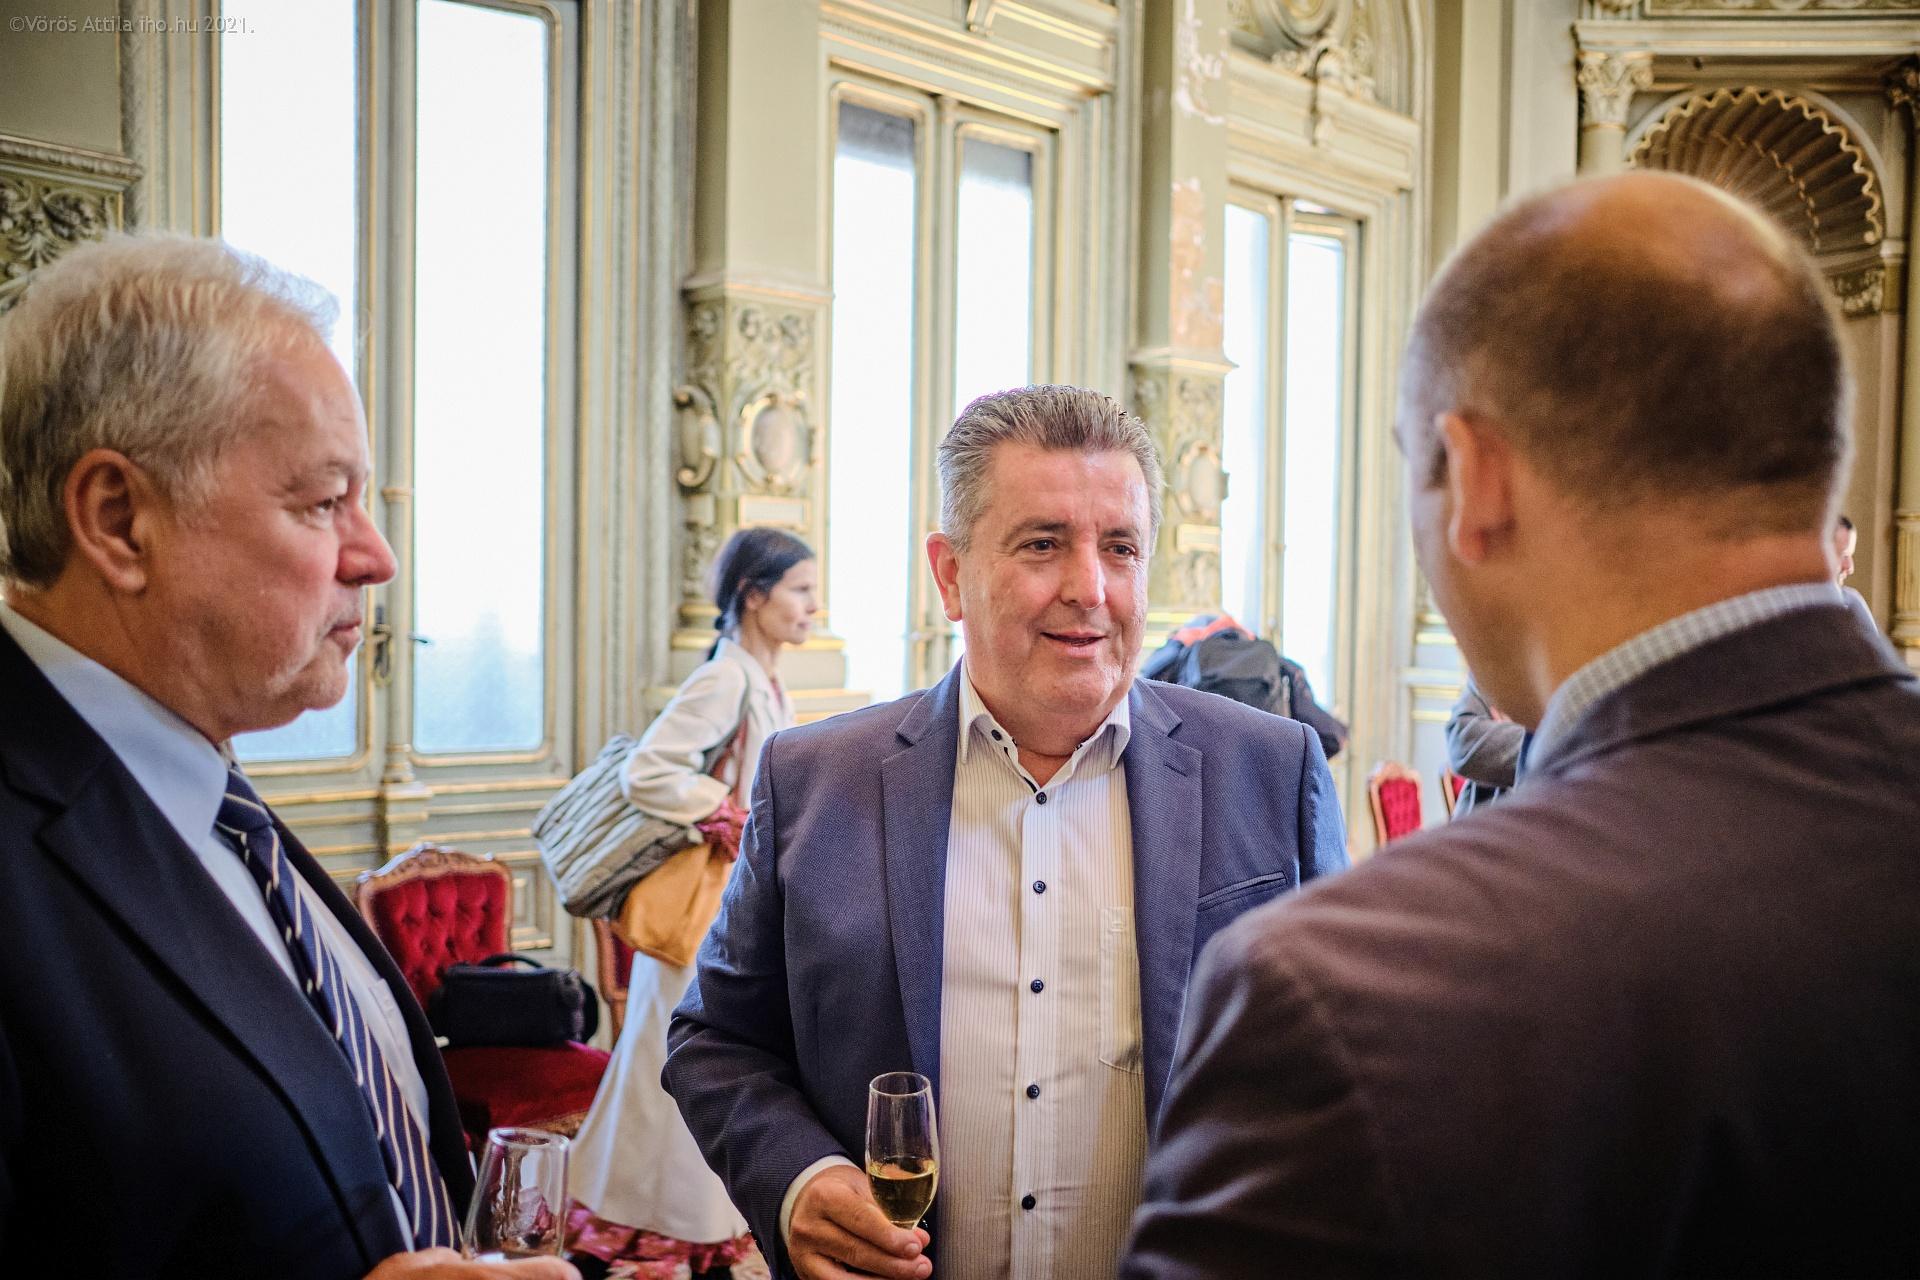 Fülöp Zsolt, Tálosi András és Bíró Koppány Ajtony, az MLSZKSZ főtitkára beszélget a Királyi váróban